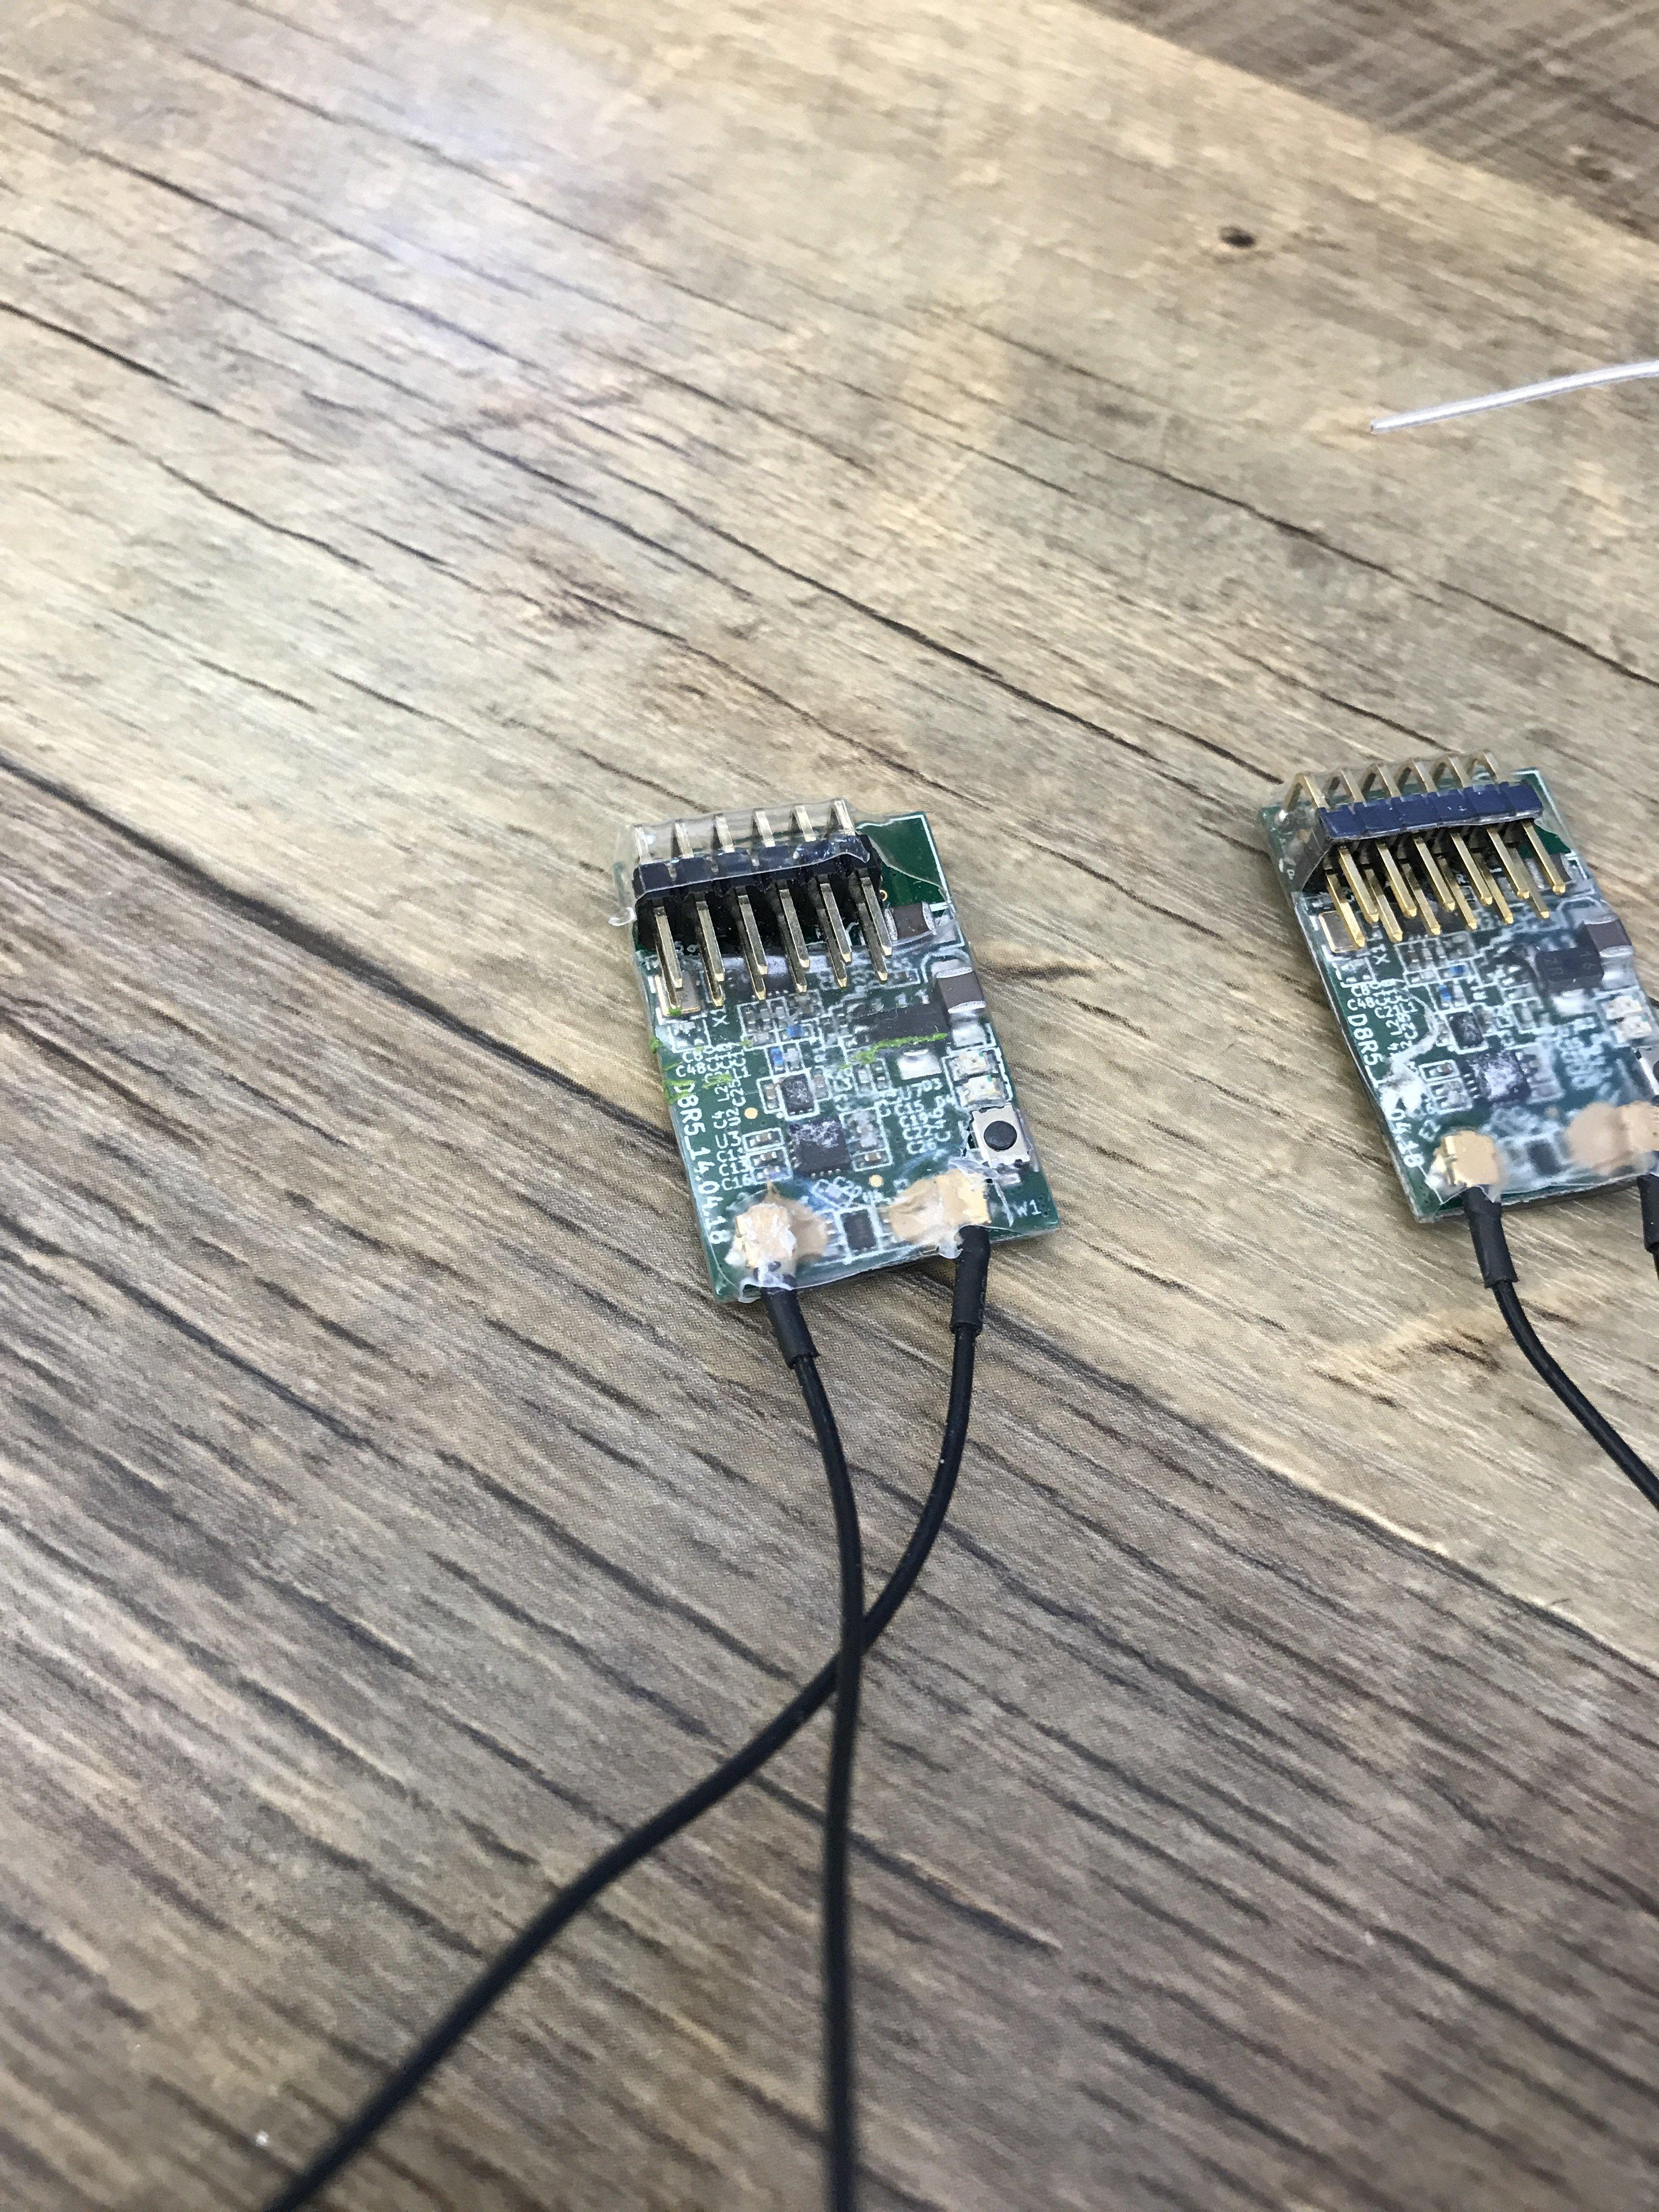 2C1C49C5-BAEF-4238-9CF0-CCF84427BDC1.jpeg